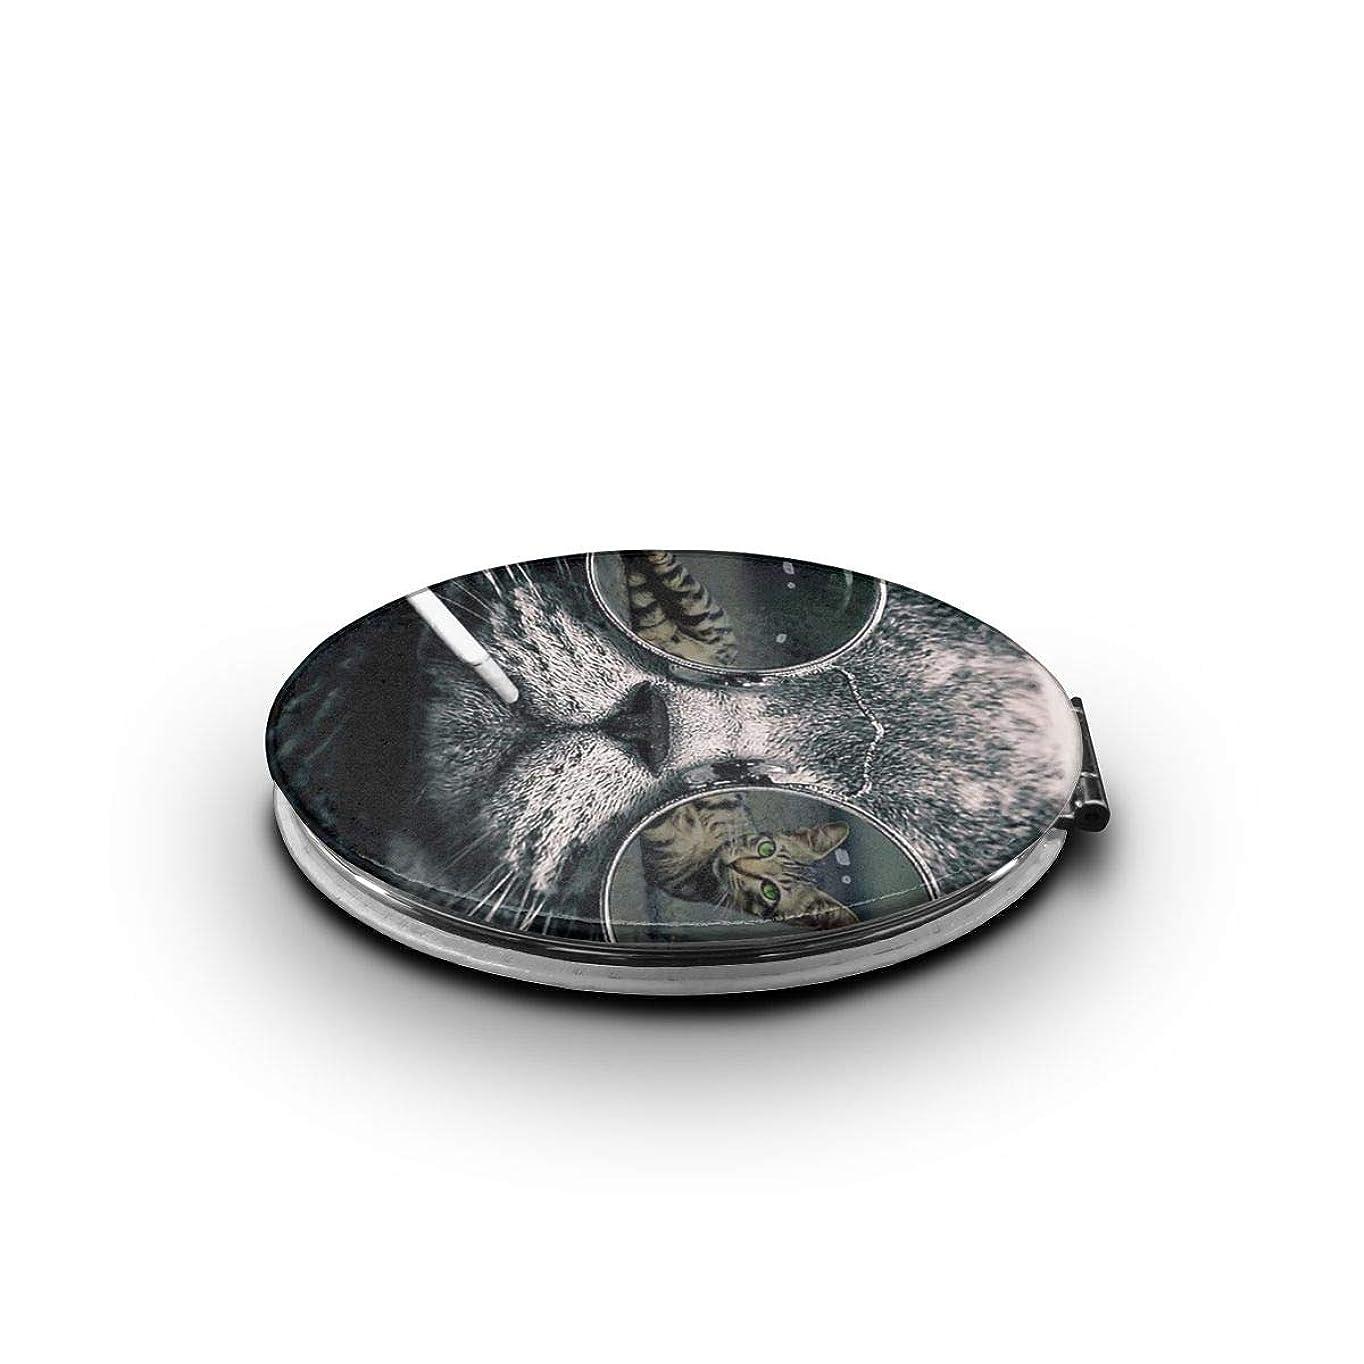 ニュージーランド脅迫ジョグ携帯ミラー ネコ サングラス 喫煙ミニ化粧鏡 化粧鏡 3倍拡大鏡+等倍鏡 両面化粧鏡 楕円形 携帯型 折り畳み式 コンパクト鏡 外出に 持ち運び便利 超軽量 おしゃれ 9.0X6.6CM